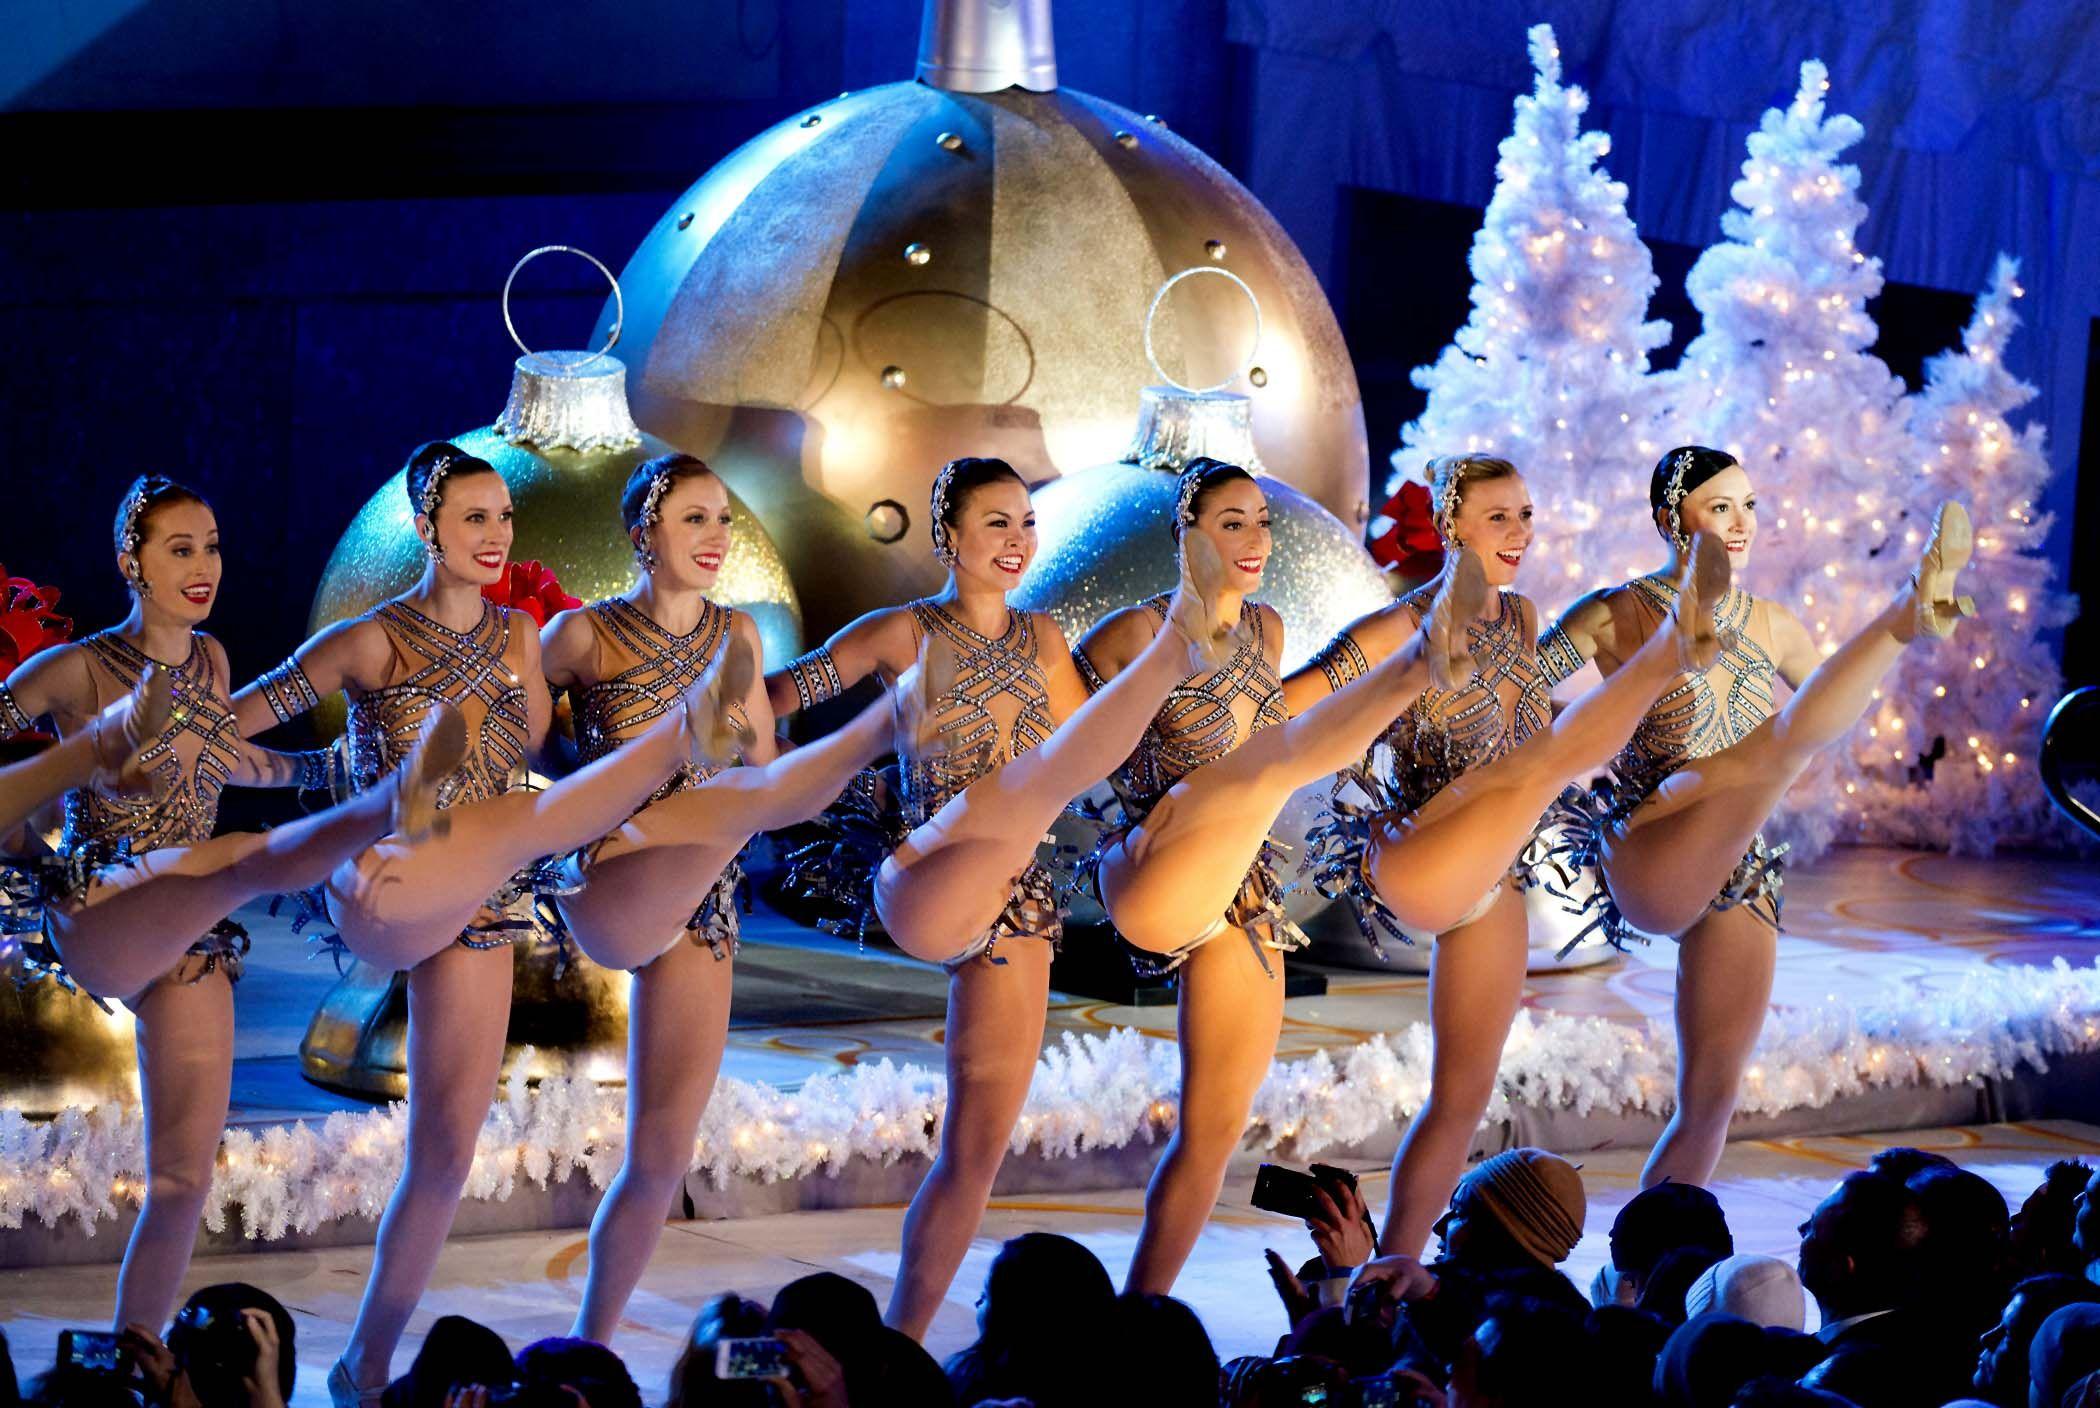 Nude Rockettes